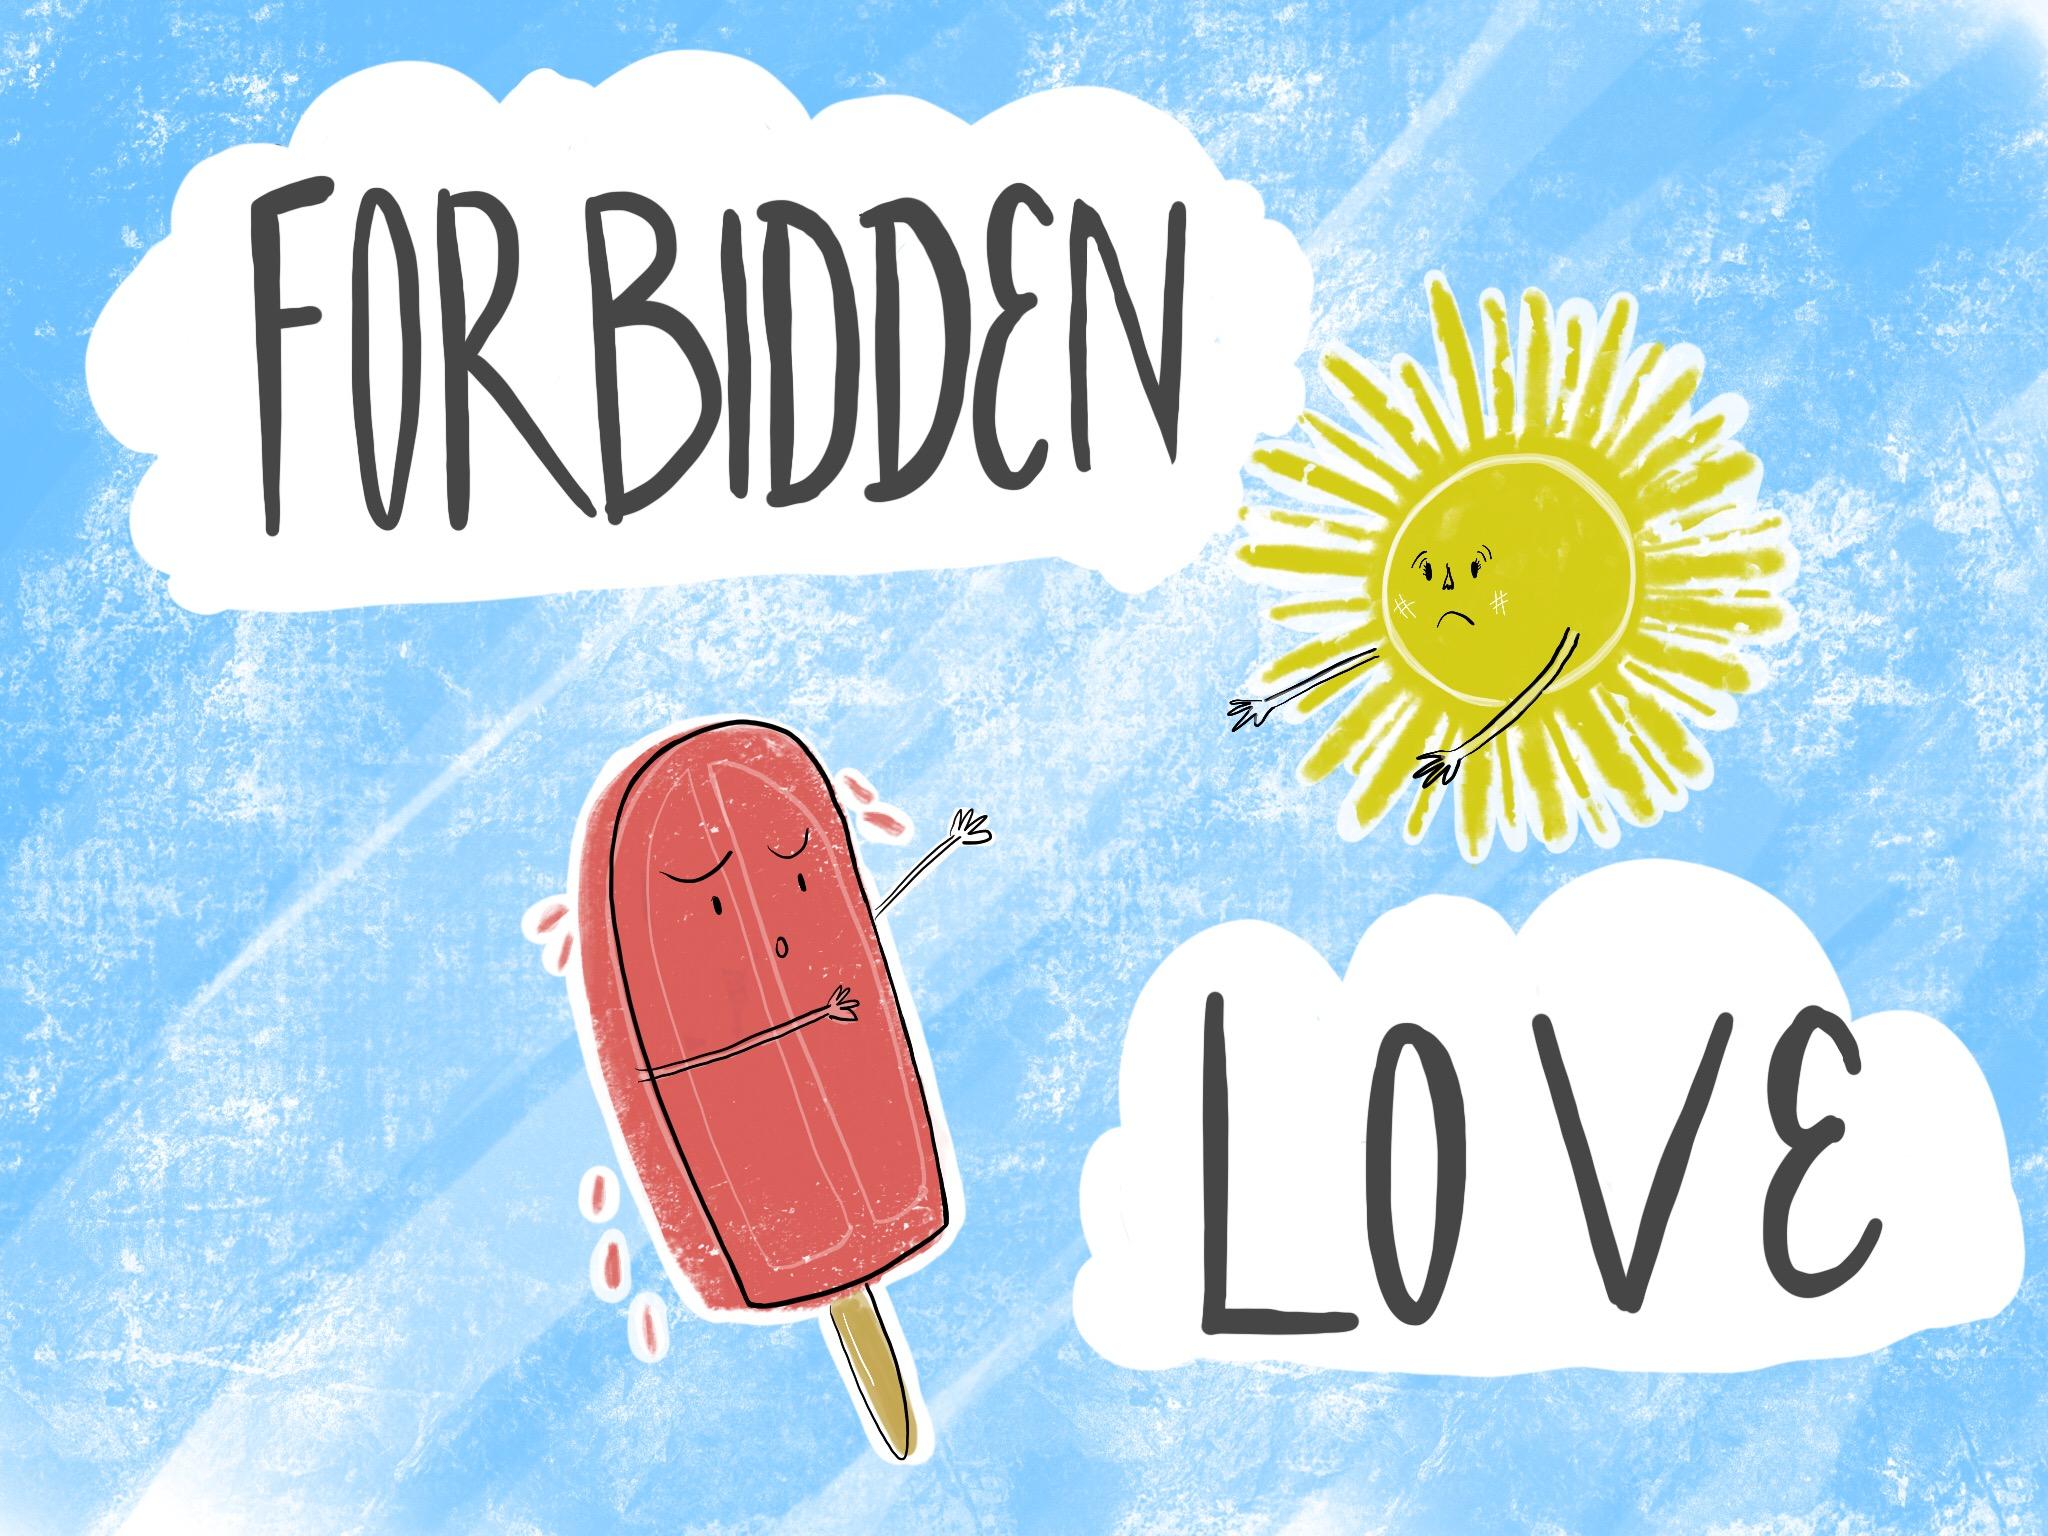 Forbidden Love King of Pops Pop Art.jpg